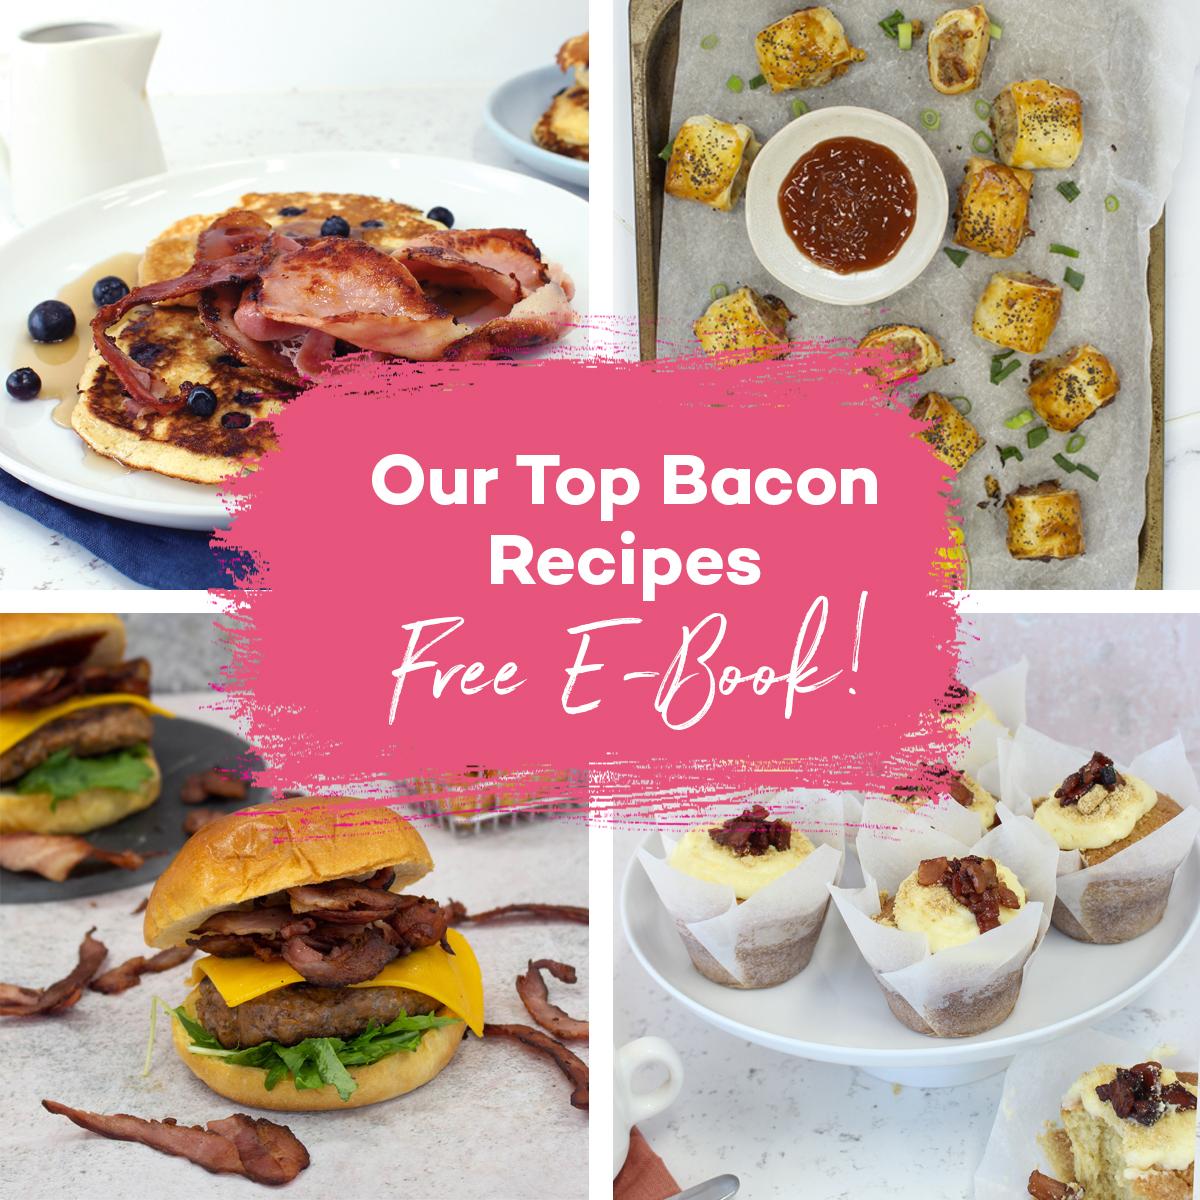 Our top bacon recipes free e-boo